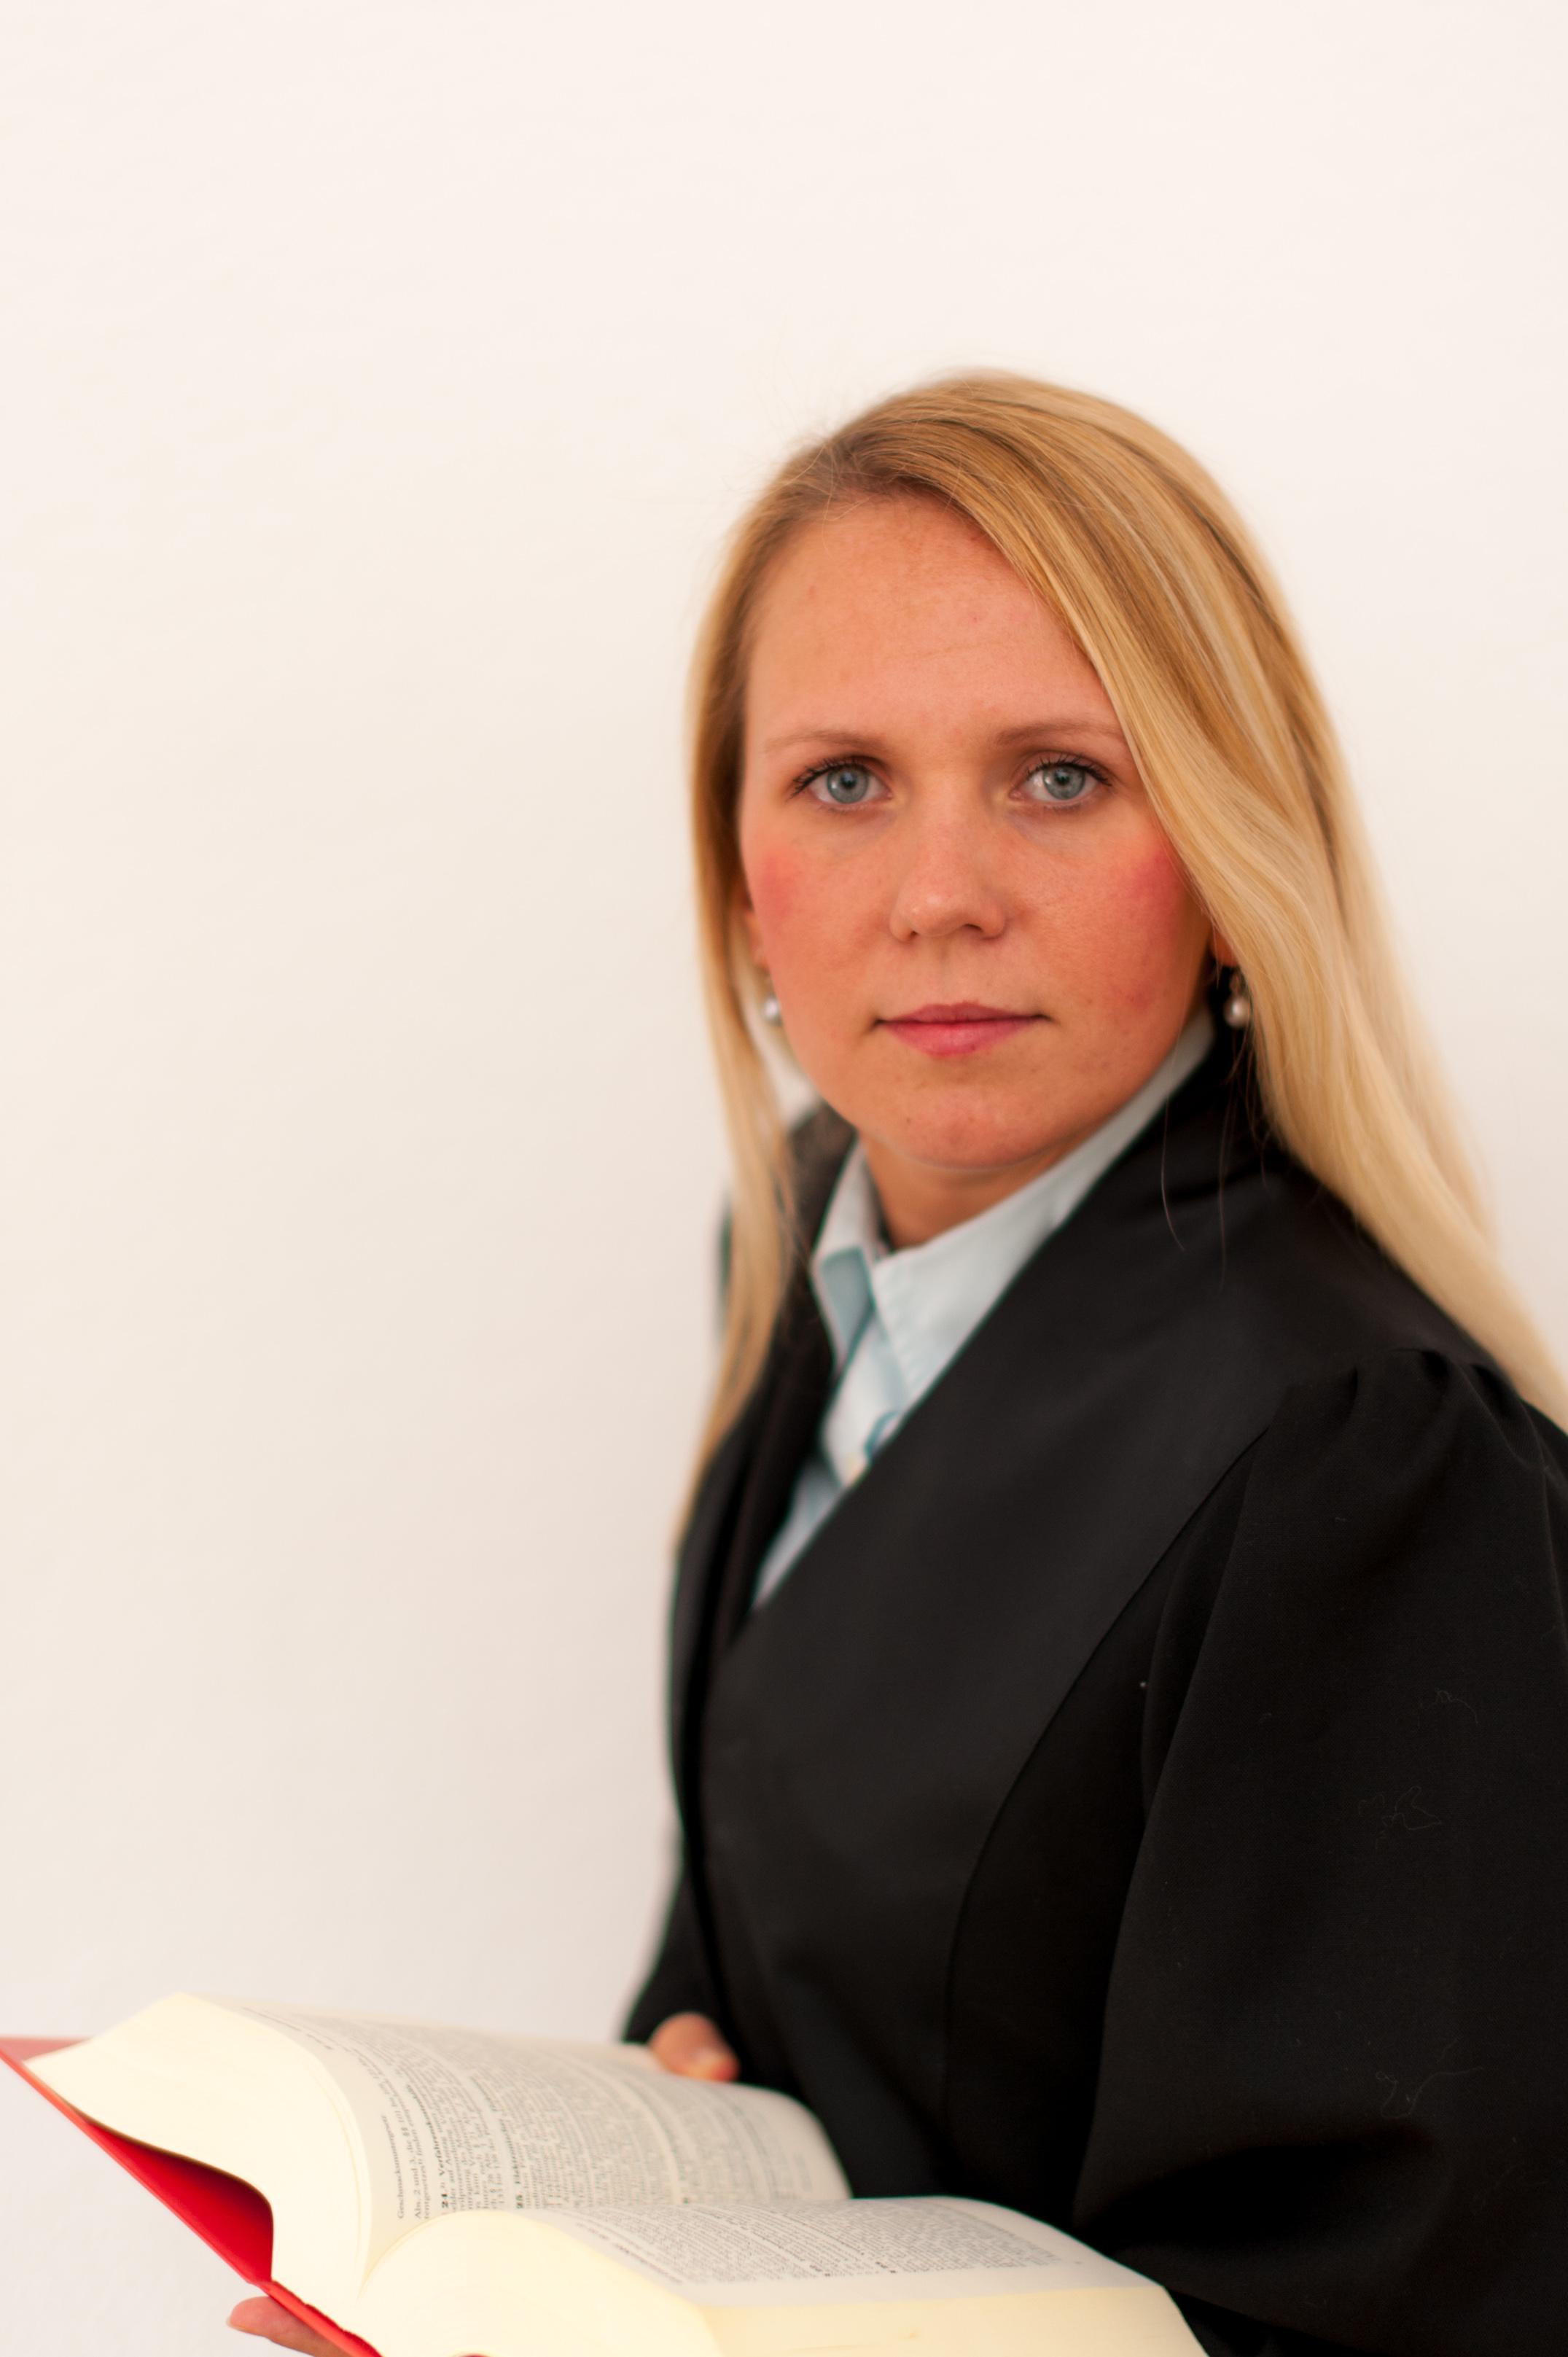 Julia Dehnhardt